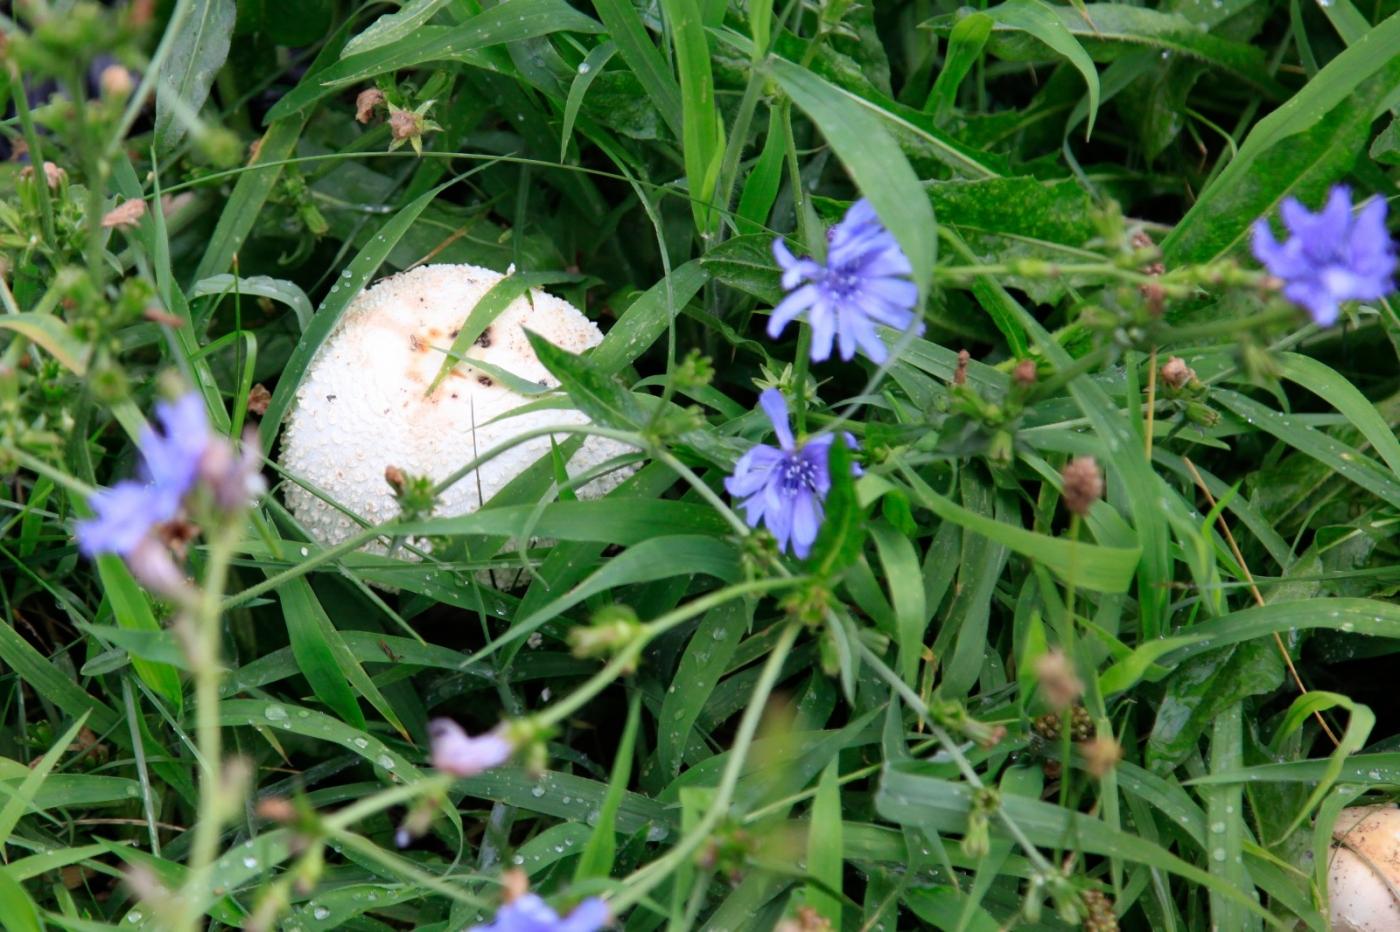 几场大雨后,法拉盛市政厅前的公园内长出了很大的野蘑菇! ..._图1-7